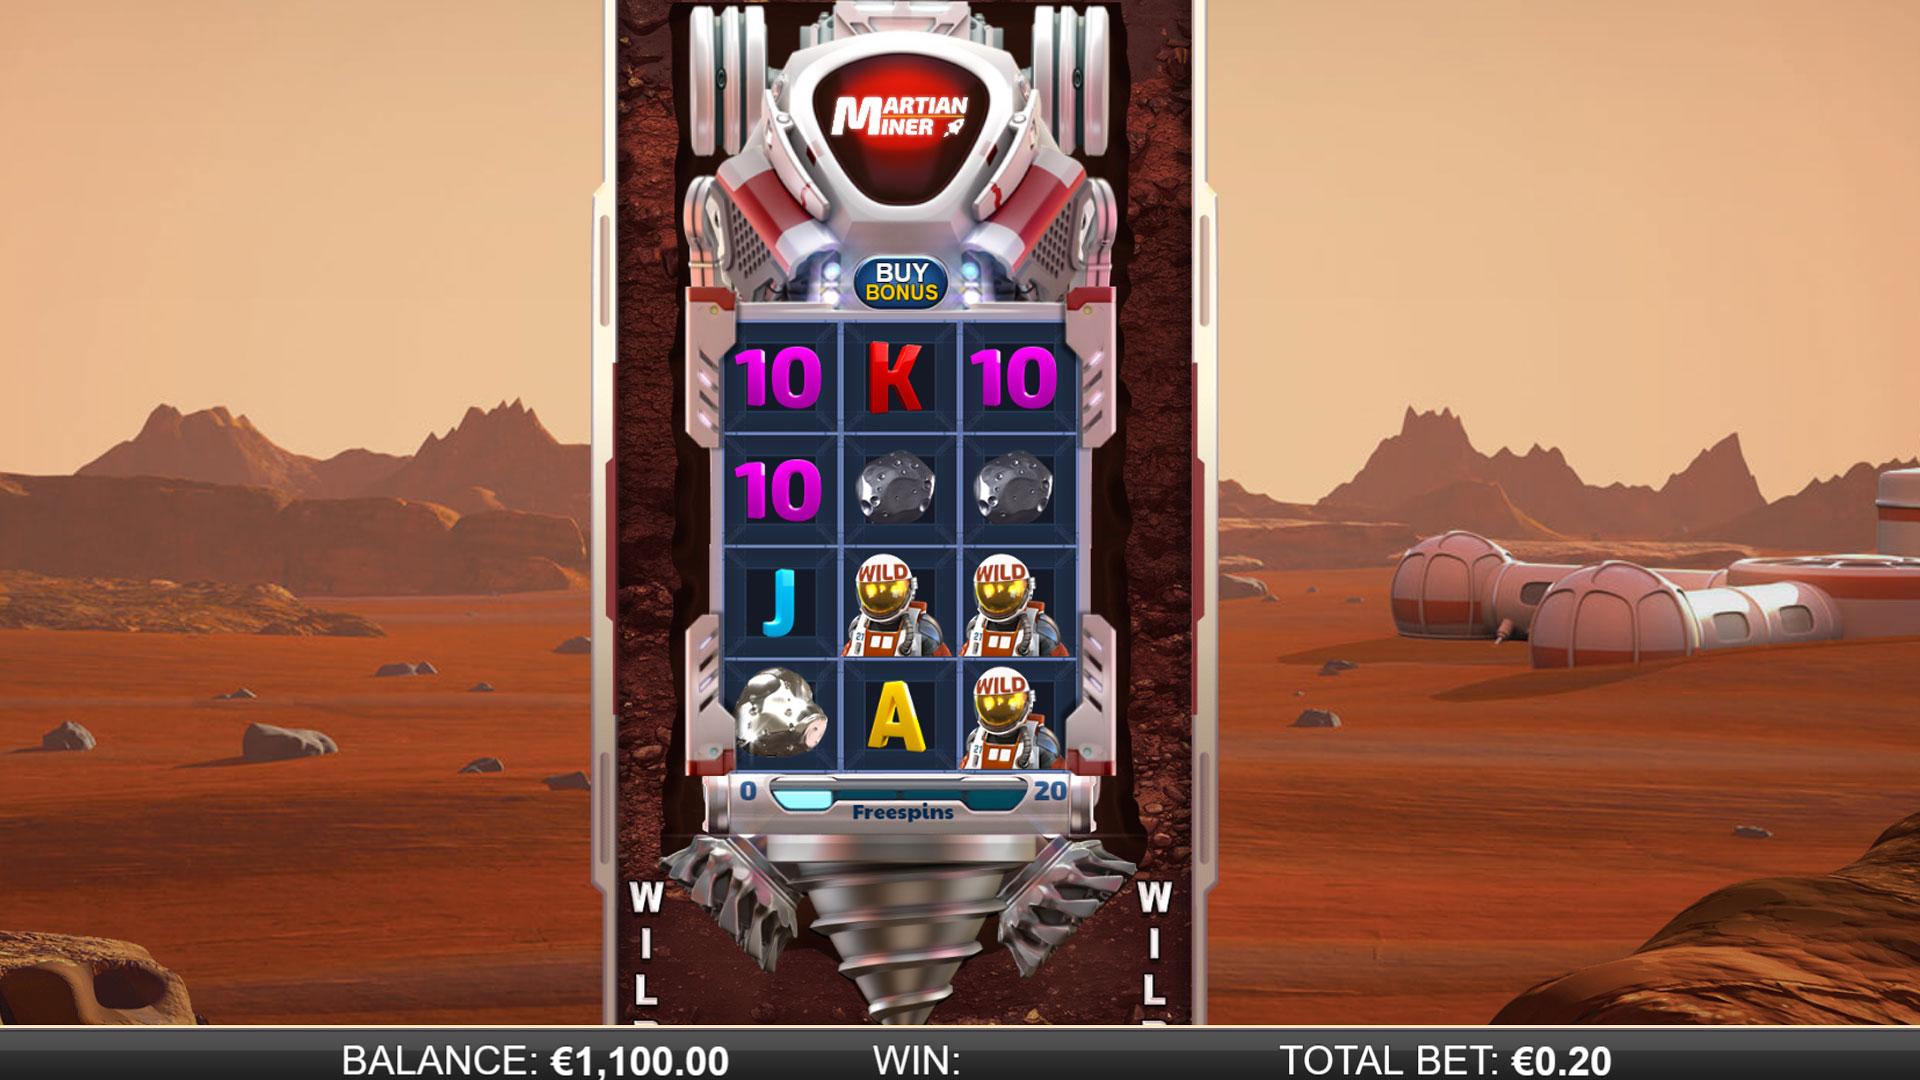 Martian Miner Infinity Reels Screenshot